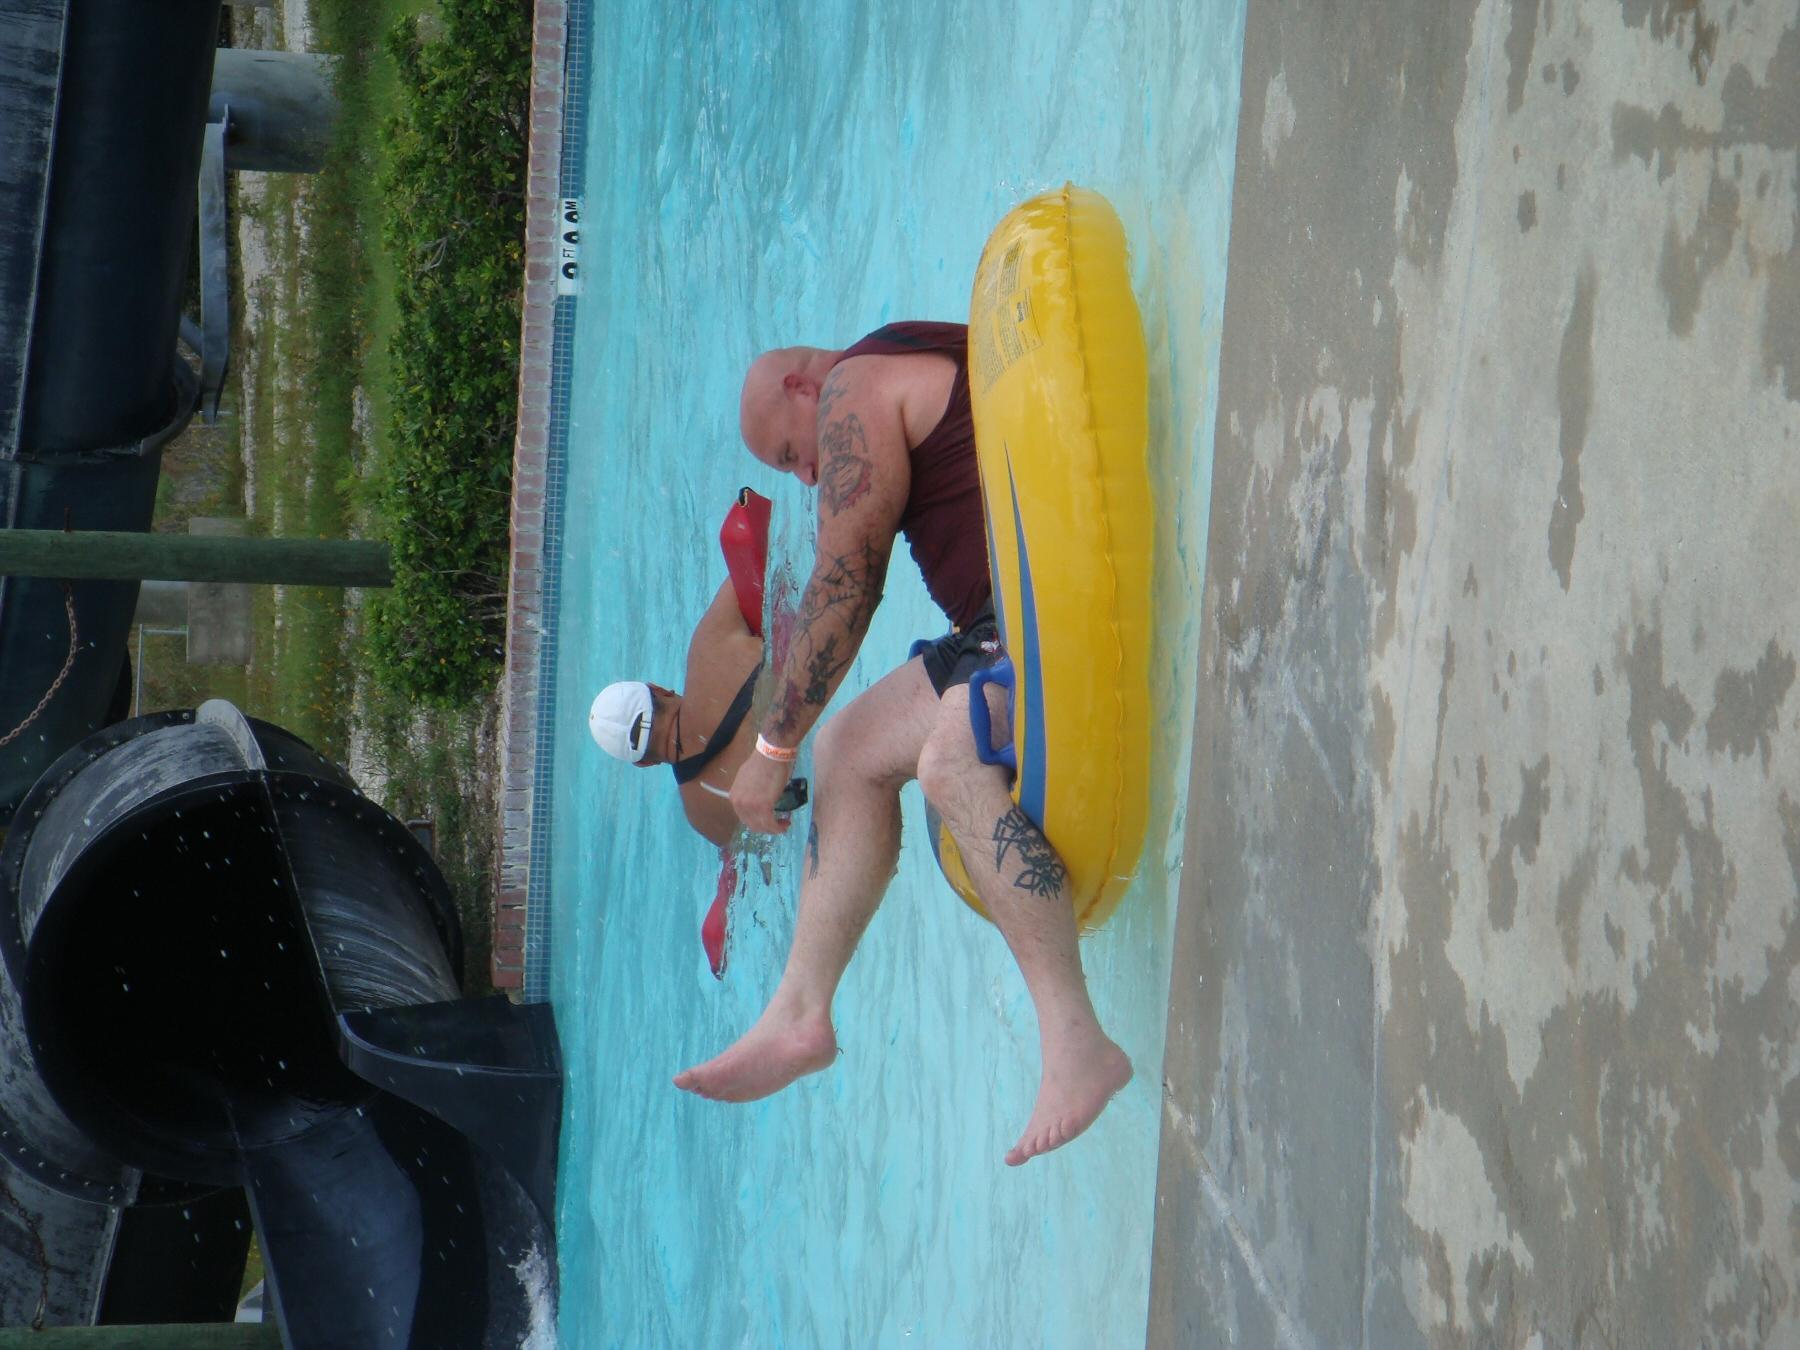 man floating in pool